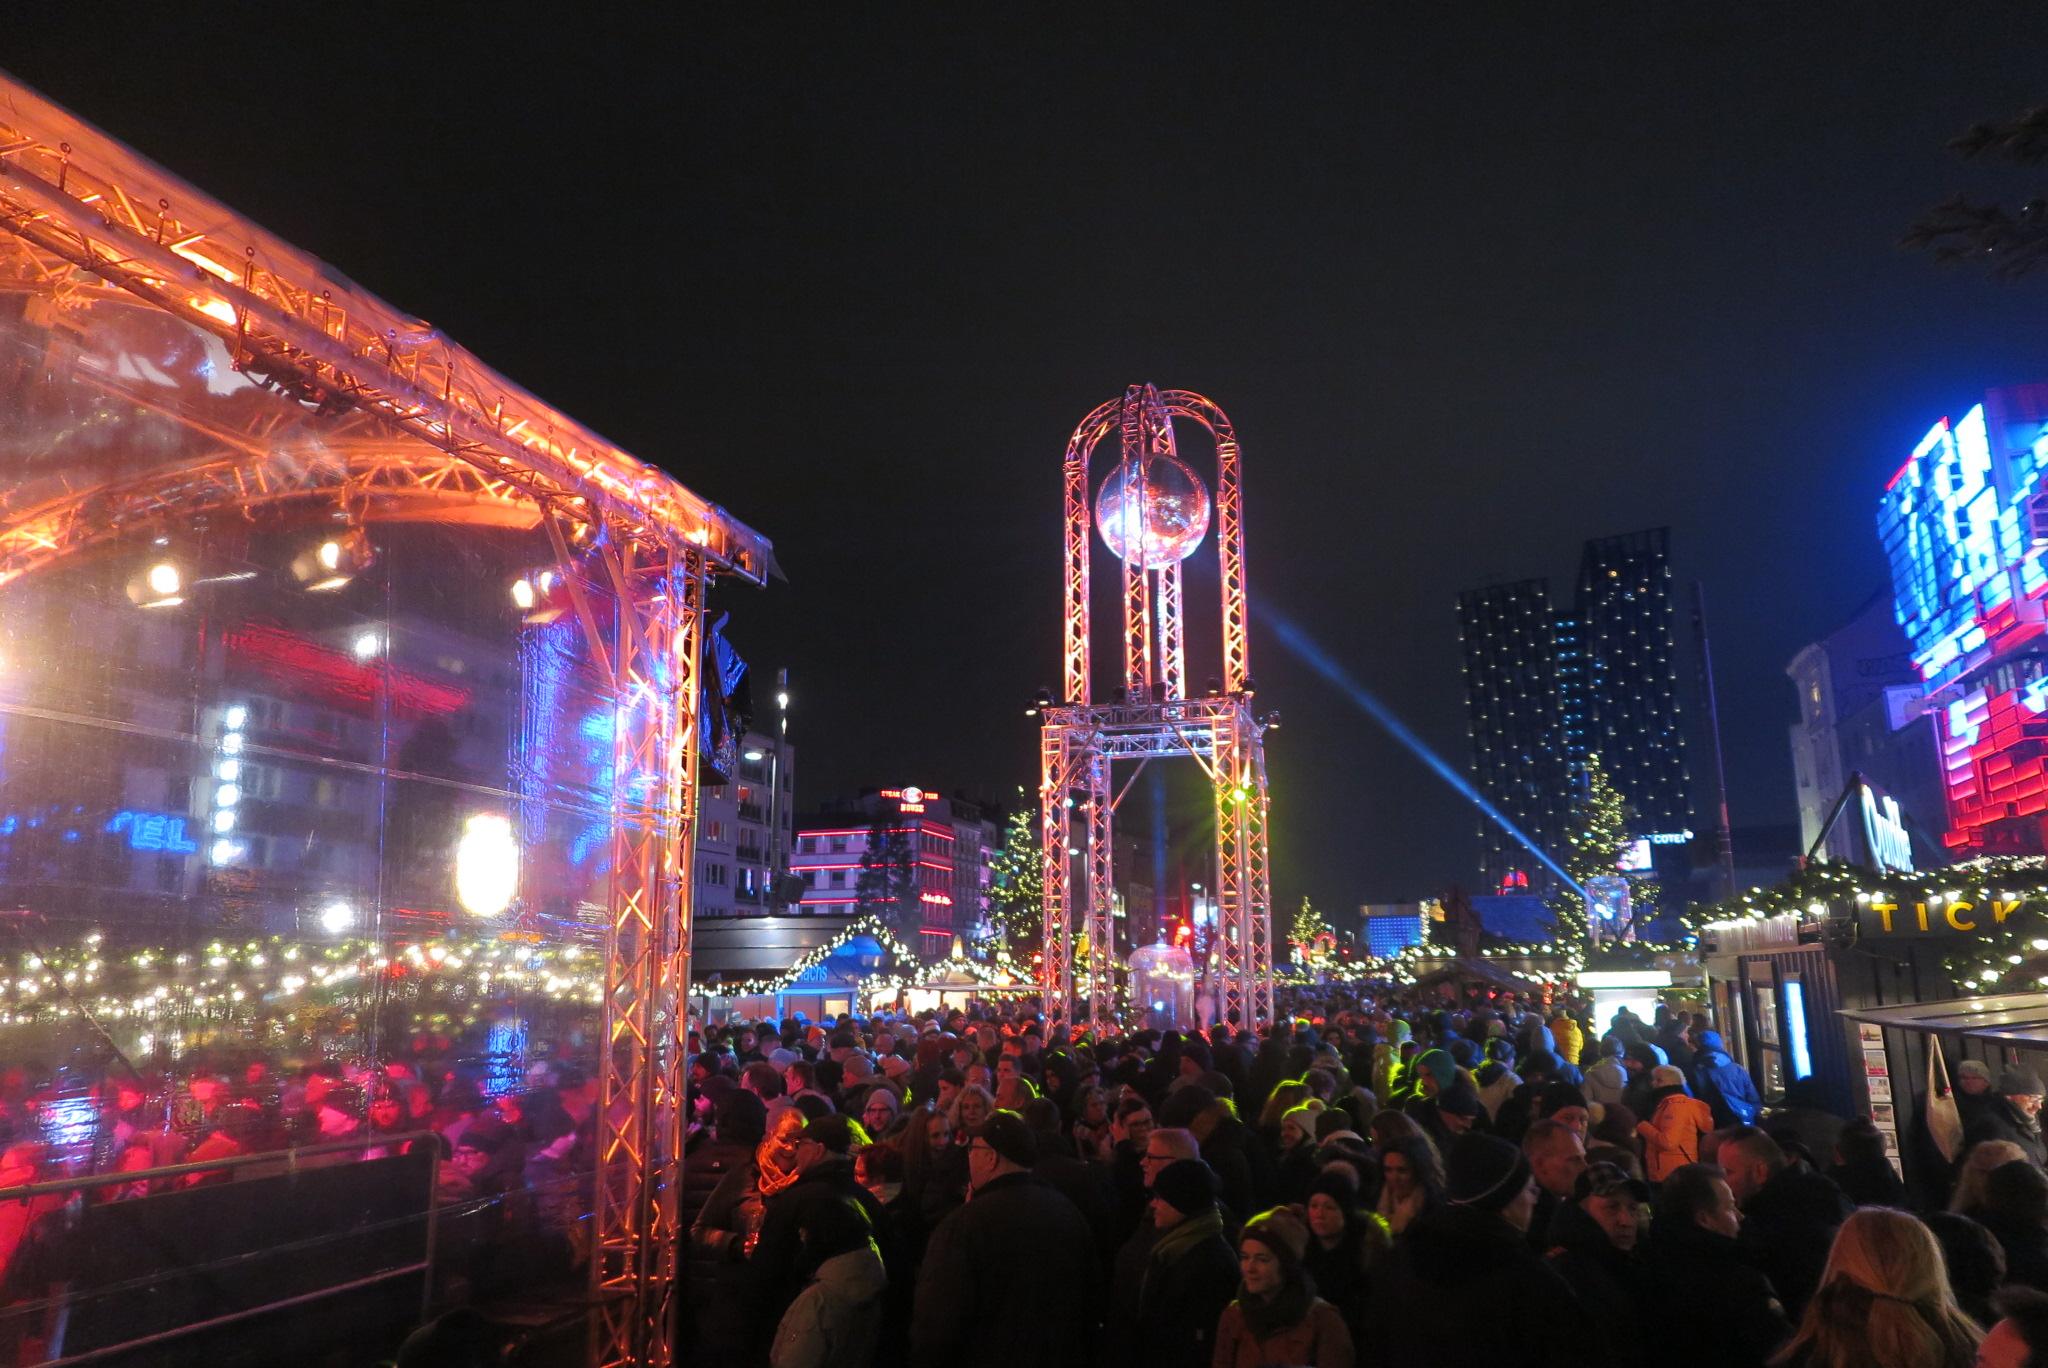 Een kerstmarkt met tientallen lampjes, in het donker